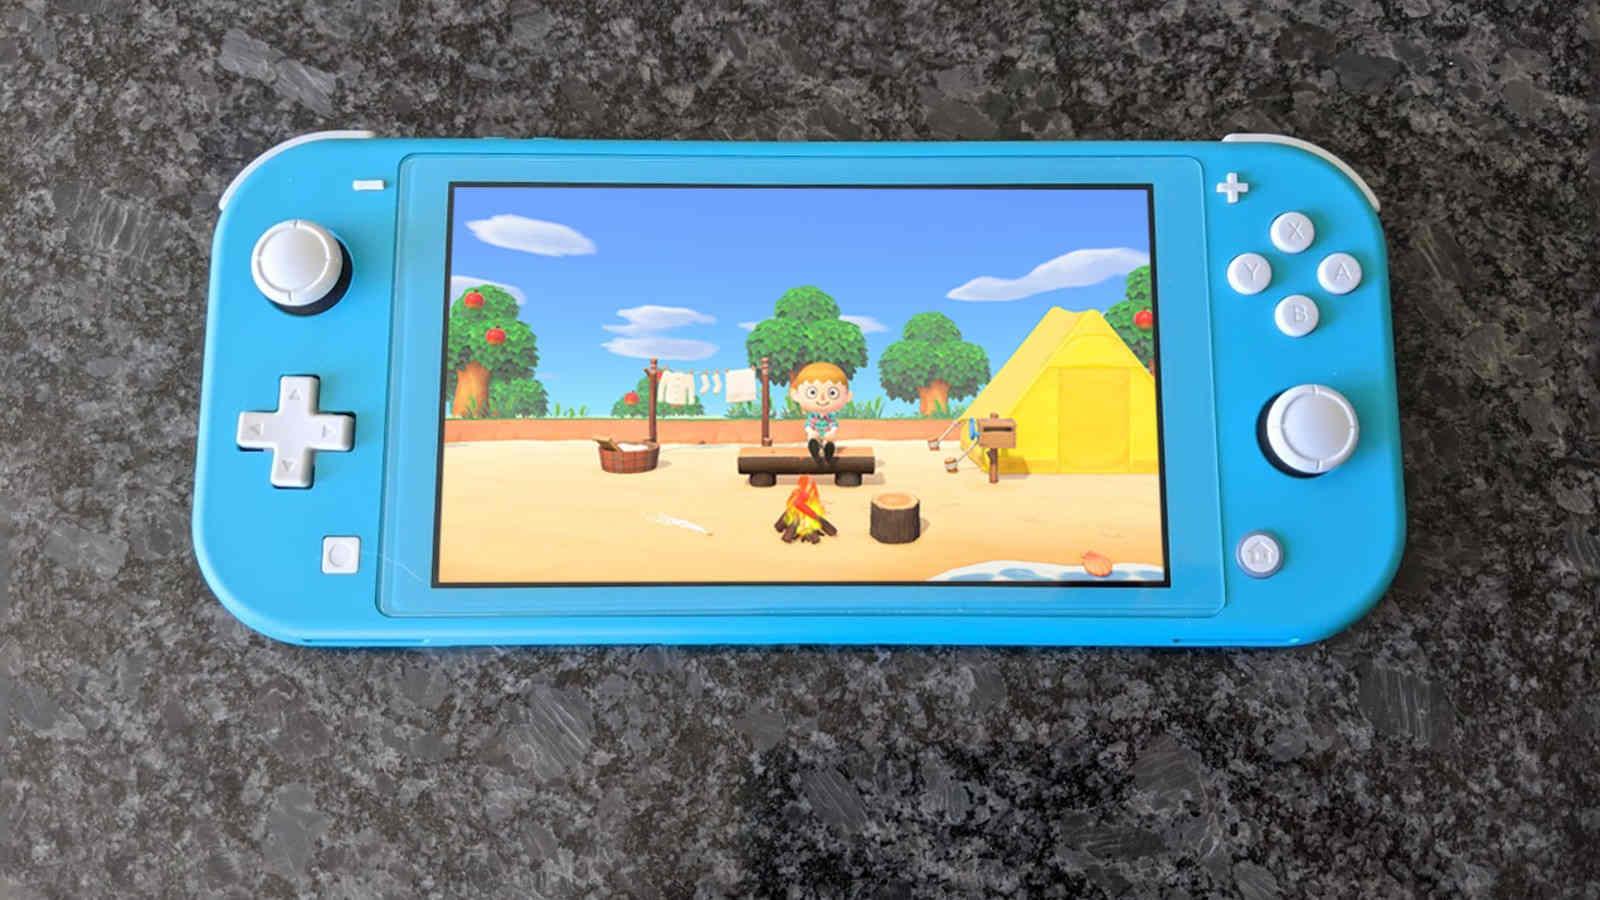 Doanh số máy chơi game tăng vọt ở Mỹ, Nintendo Switch bán chạy gấp đôi năm ngoái